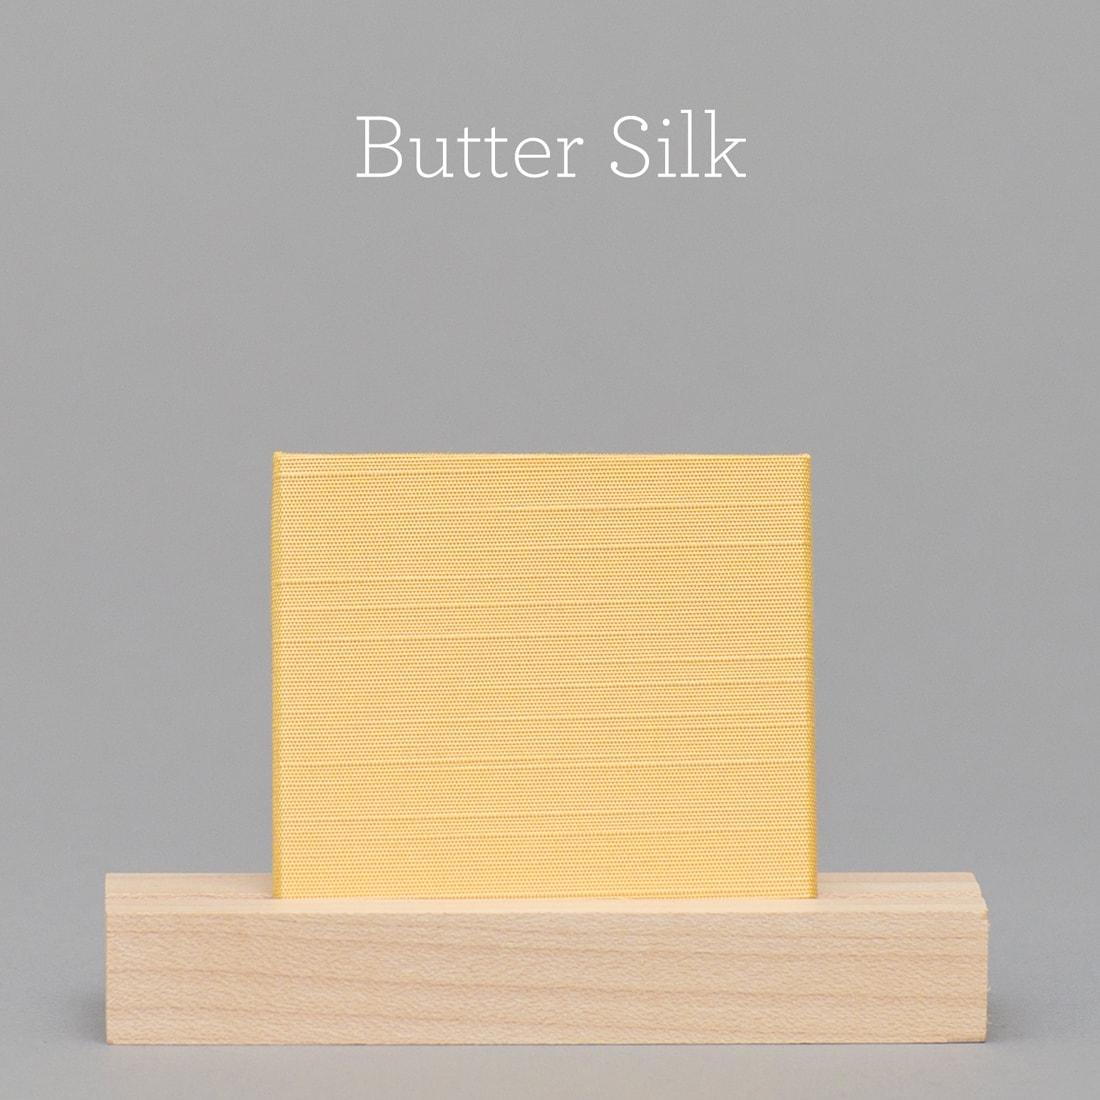 ButterSilk